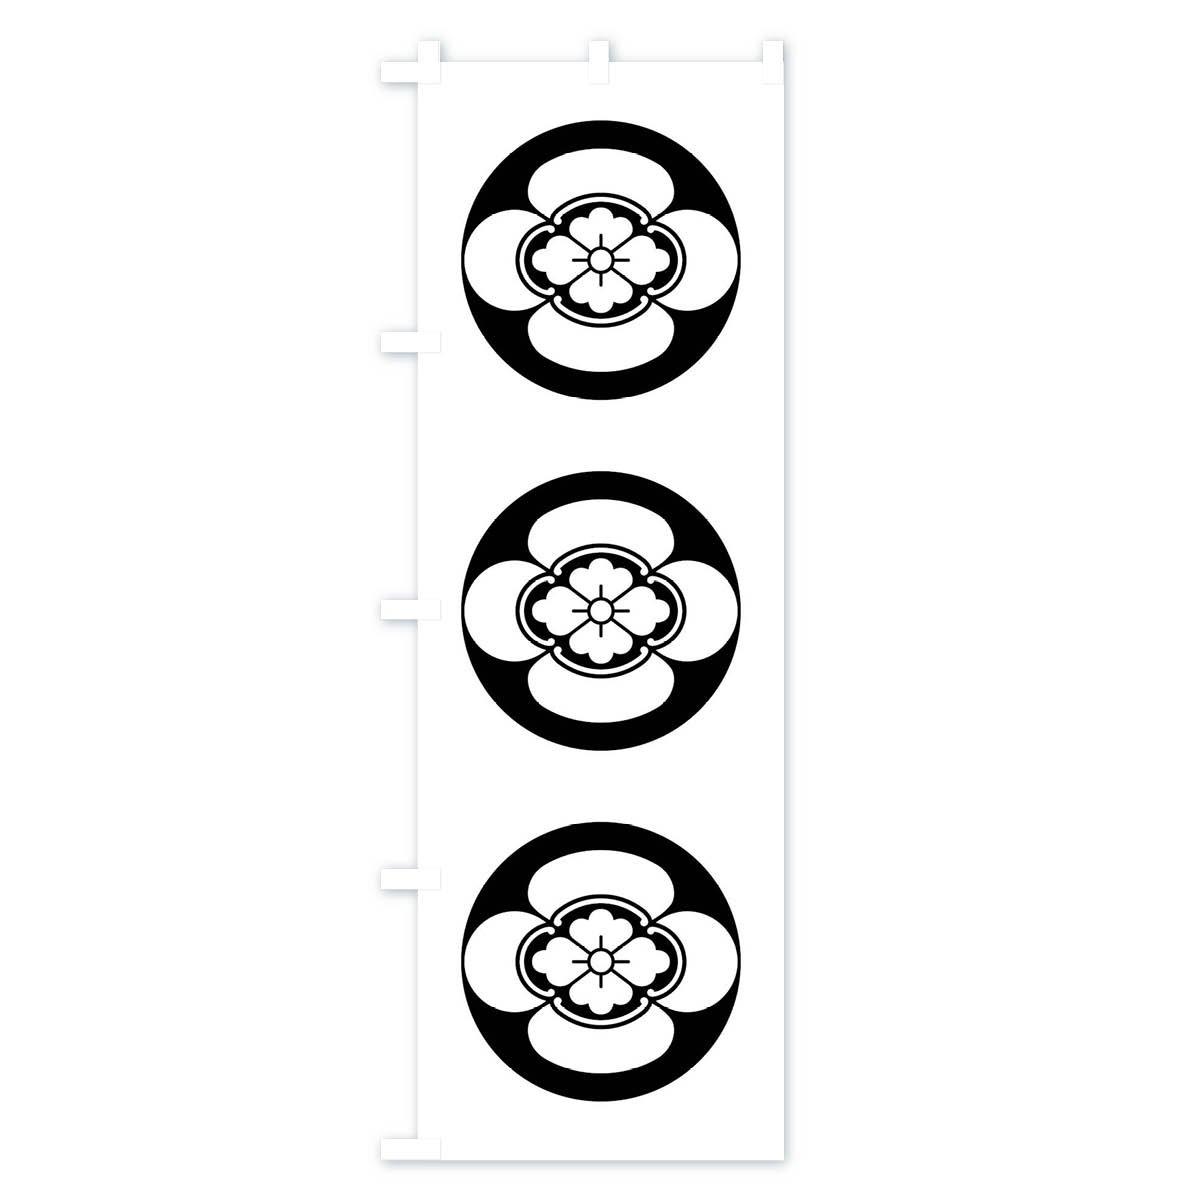 のぼり 石持ち地抜き木瓜紋 のぼり旗 - グッズプロ(のぼり源)